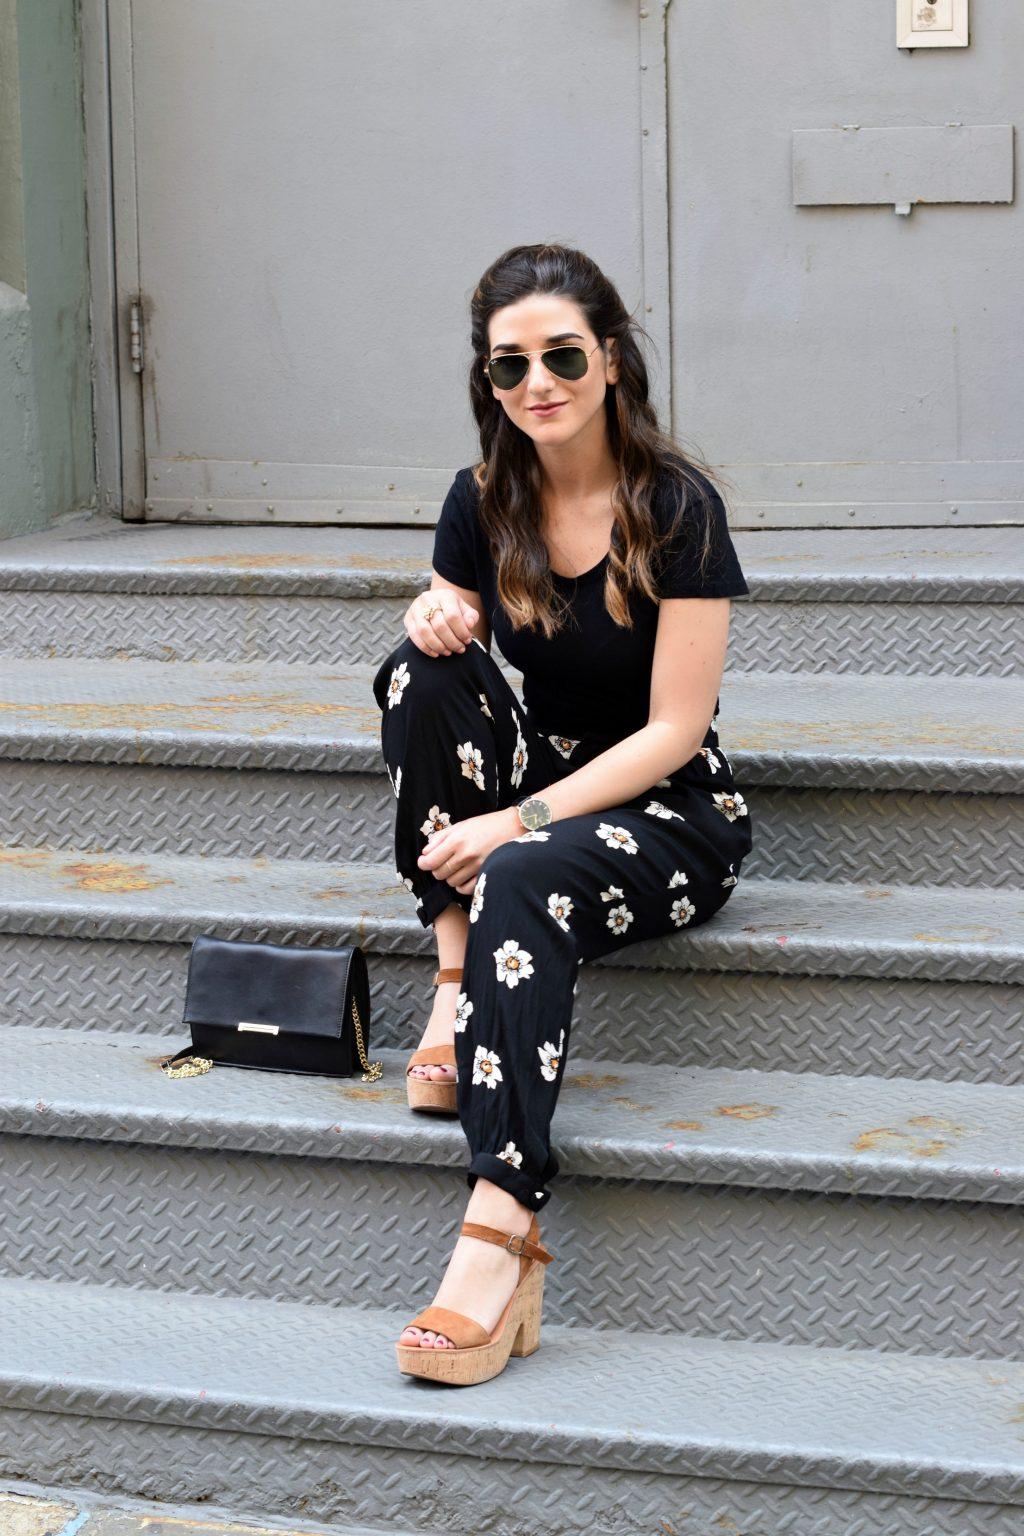 Người mẫu mặc áo đen cùng quần dài hoạ tiết hoa